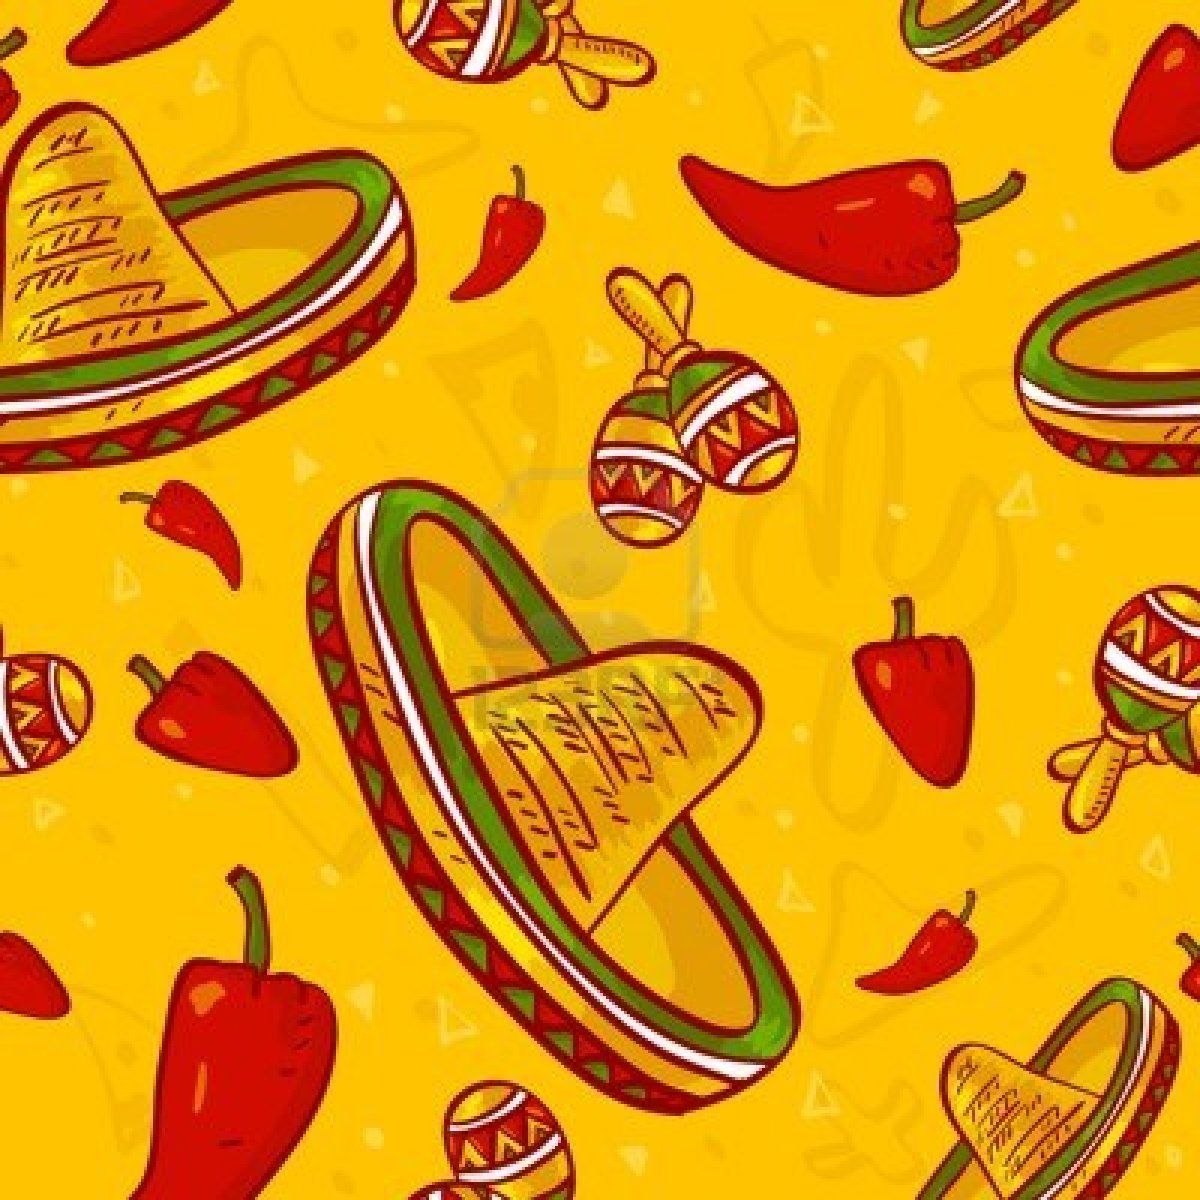 Mexican Fiesta Wallpaper 1200x1200